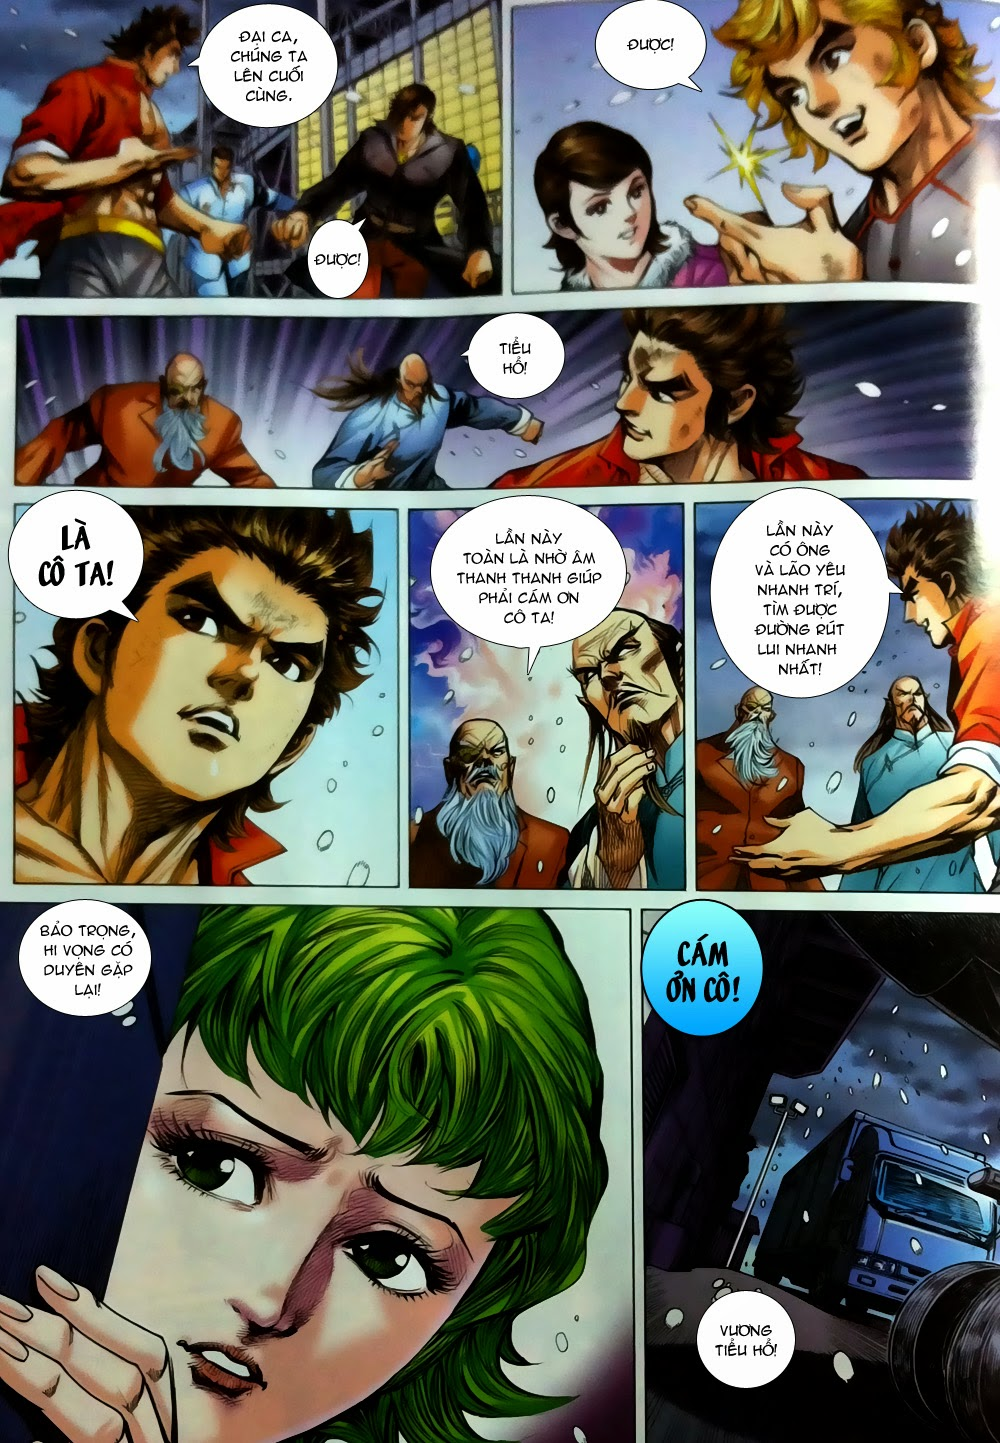 Tân Tác Long Hổ Môn chap 780 - Trang 25